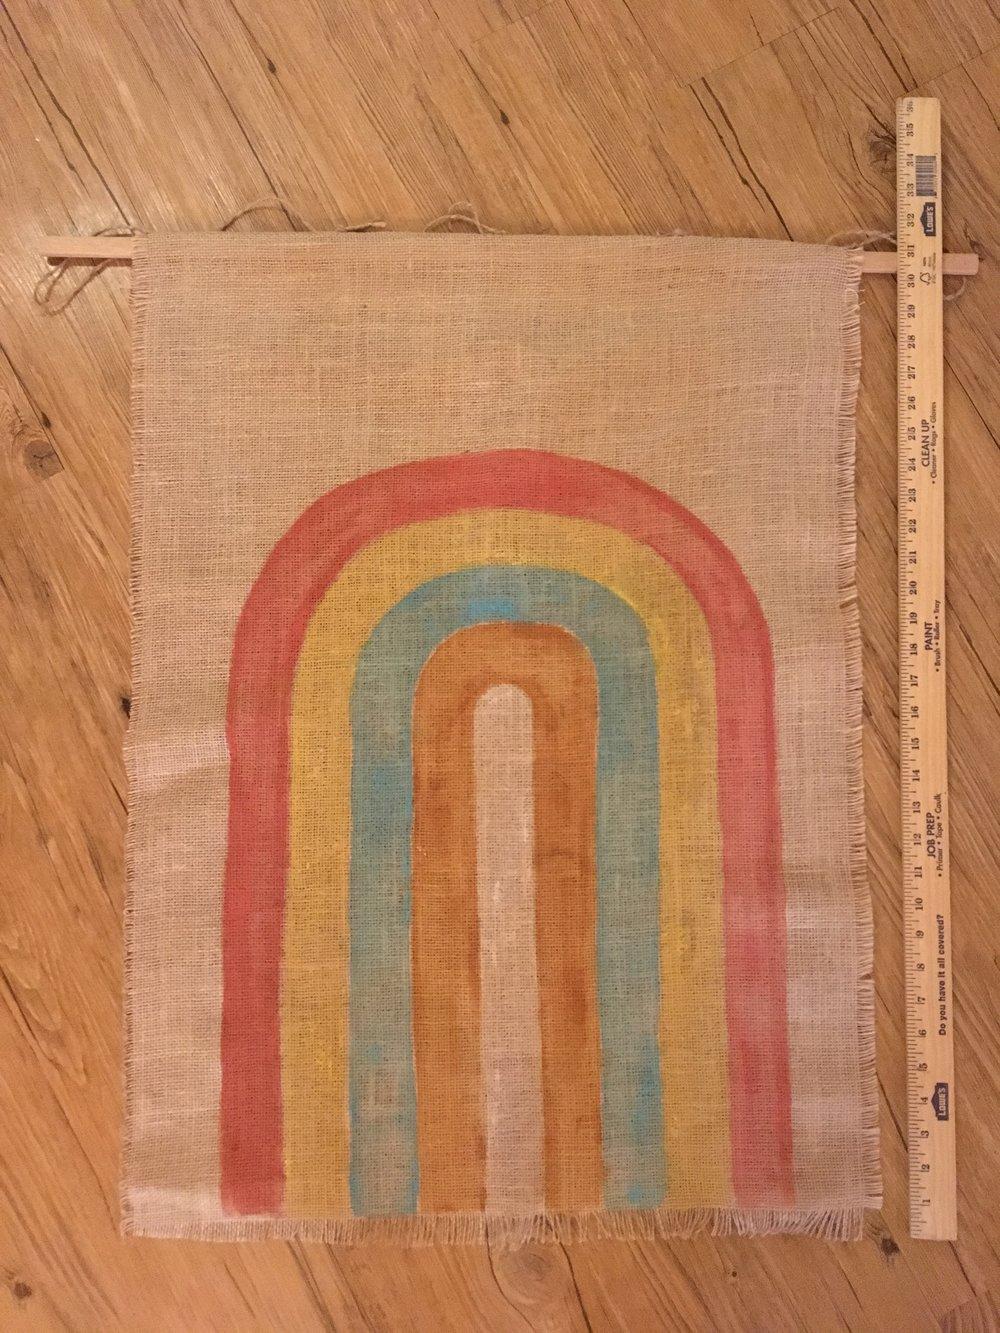 Hand painted rainbow on burlap